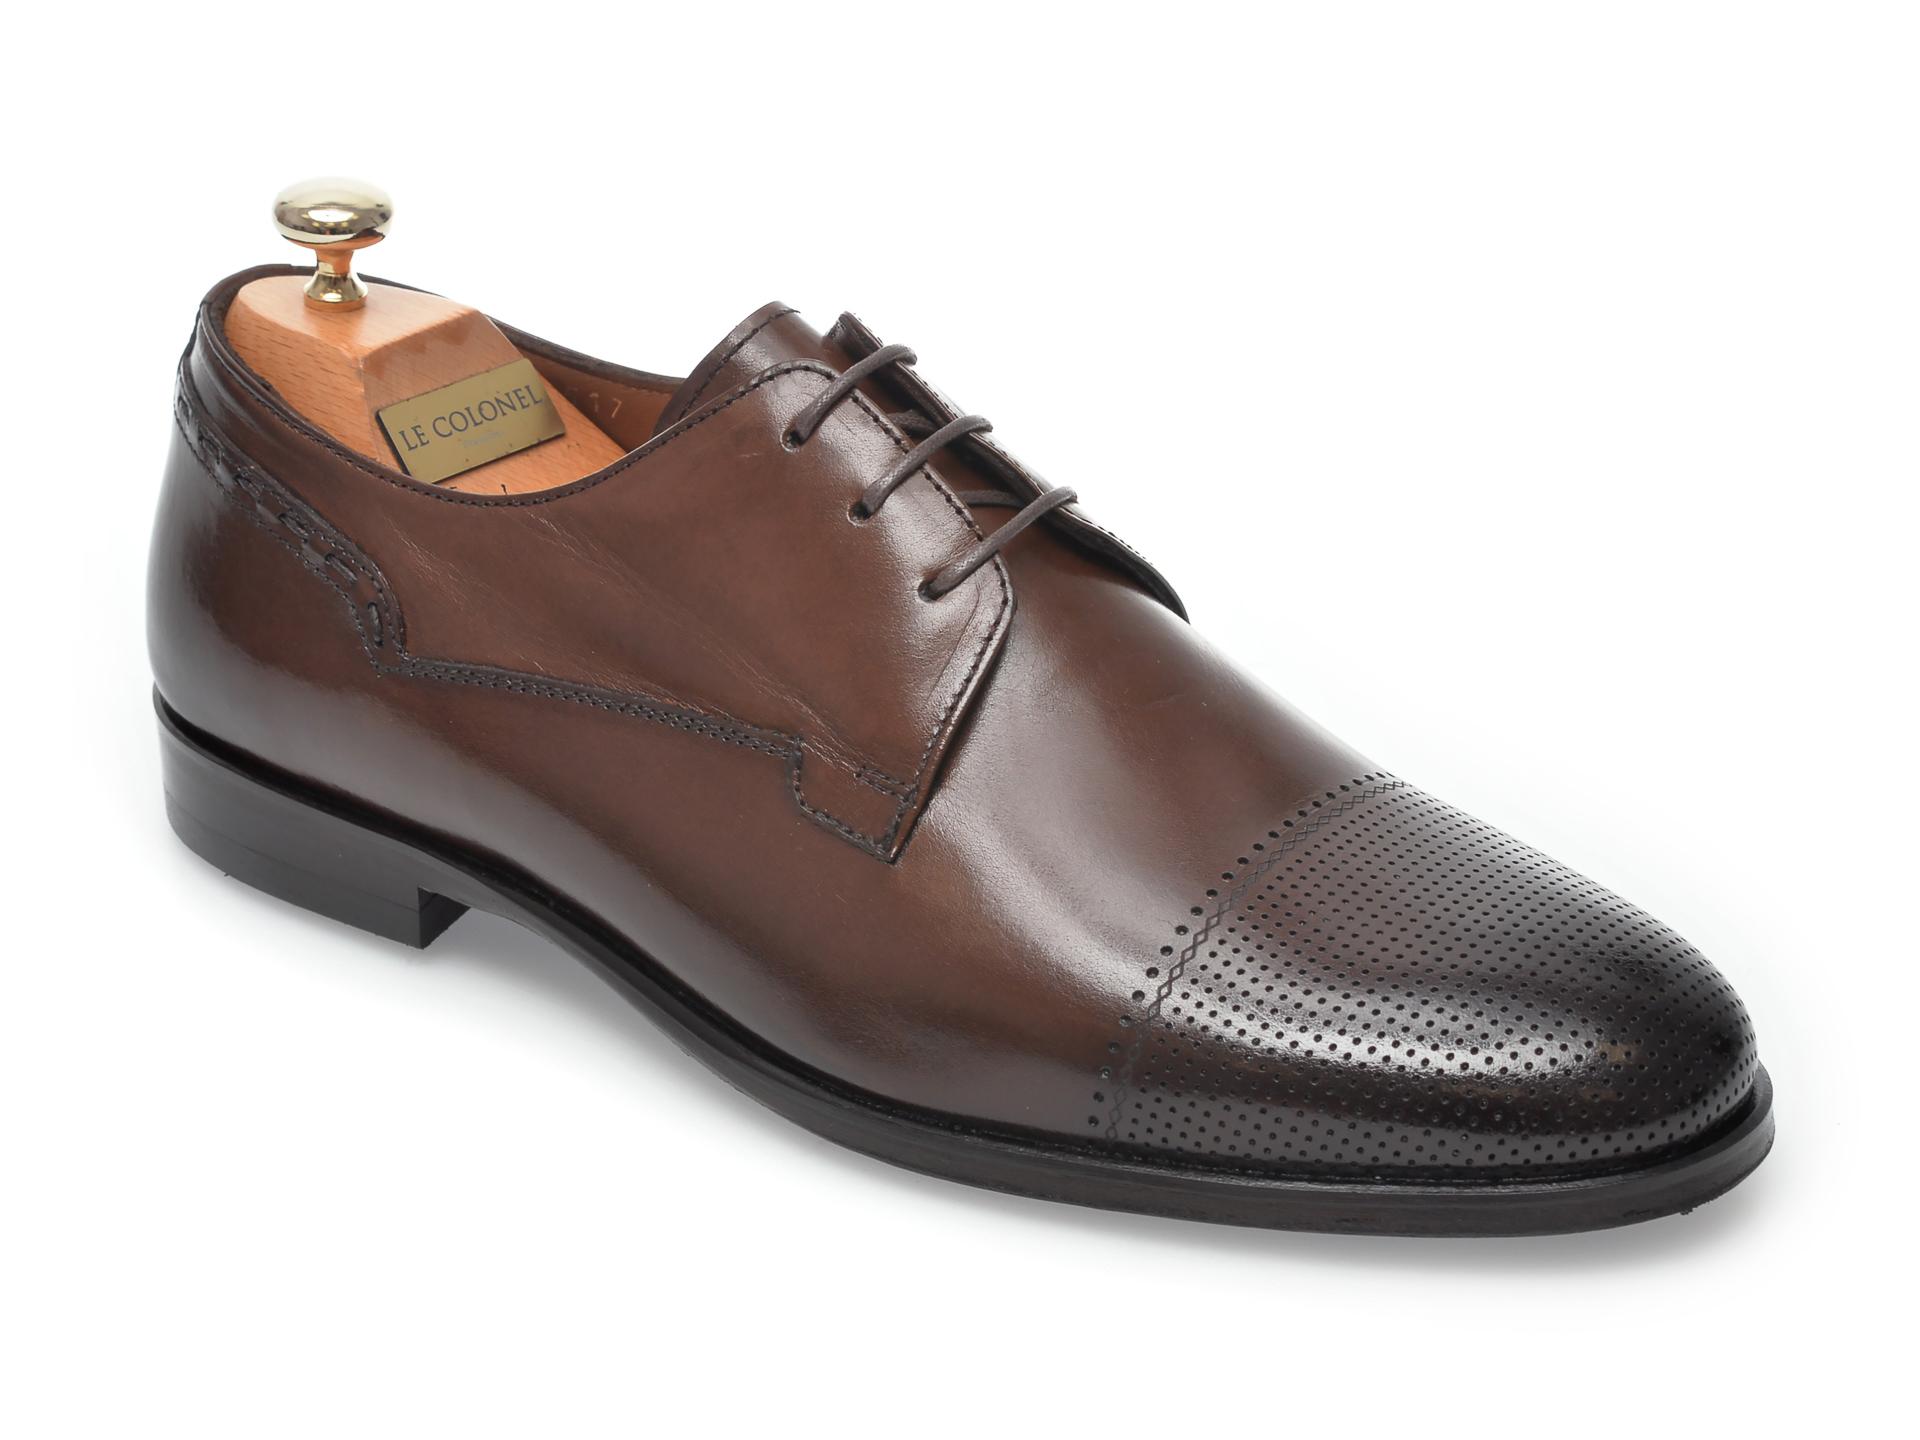 Pantofi LE COLONEL maro, 60517, din piele naturala imagine